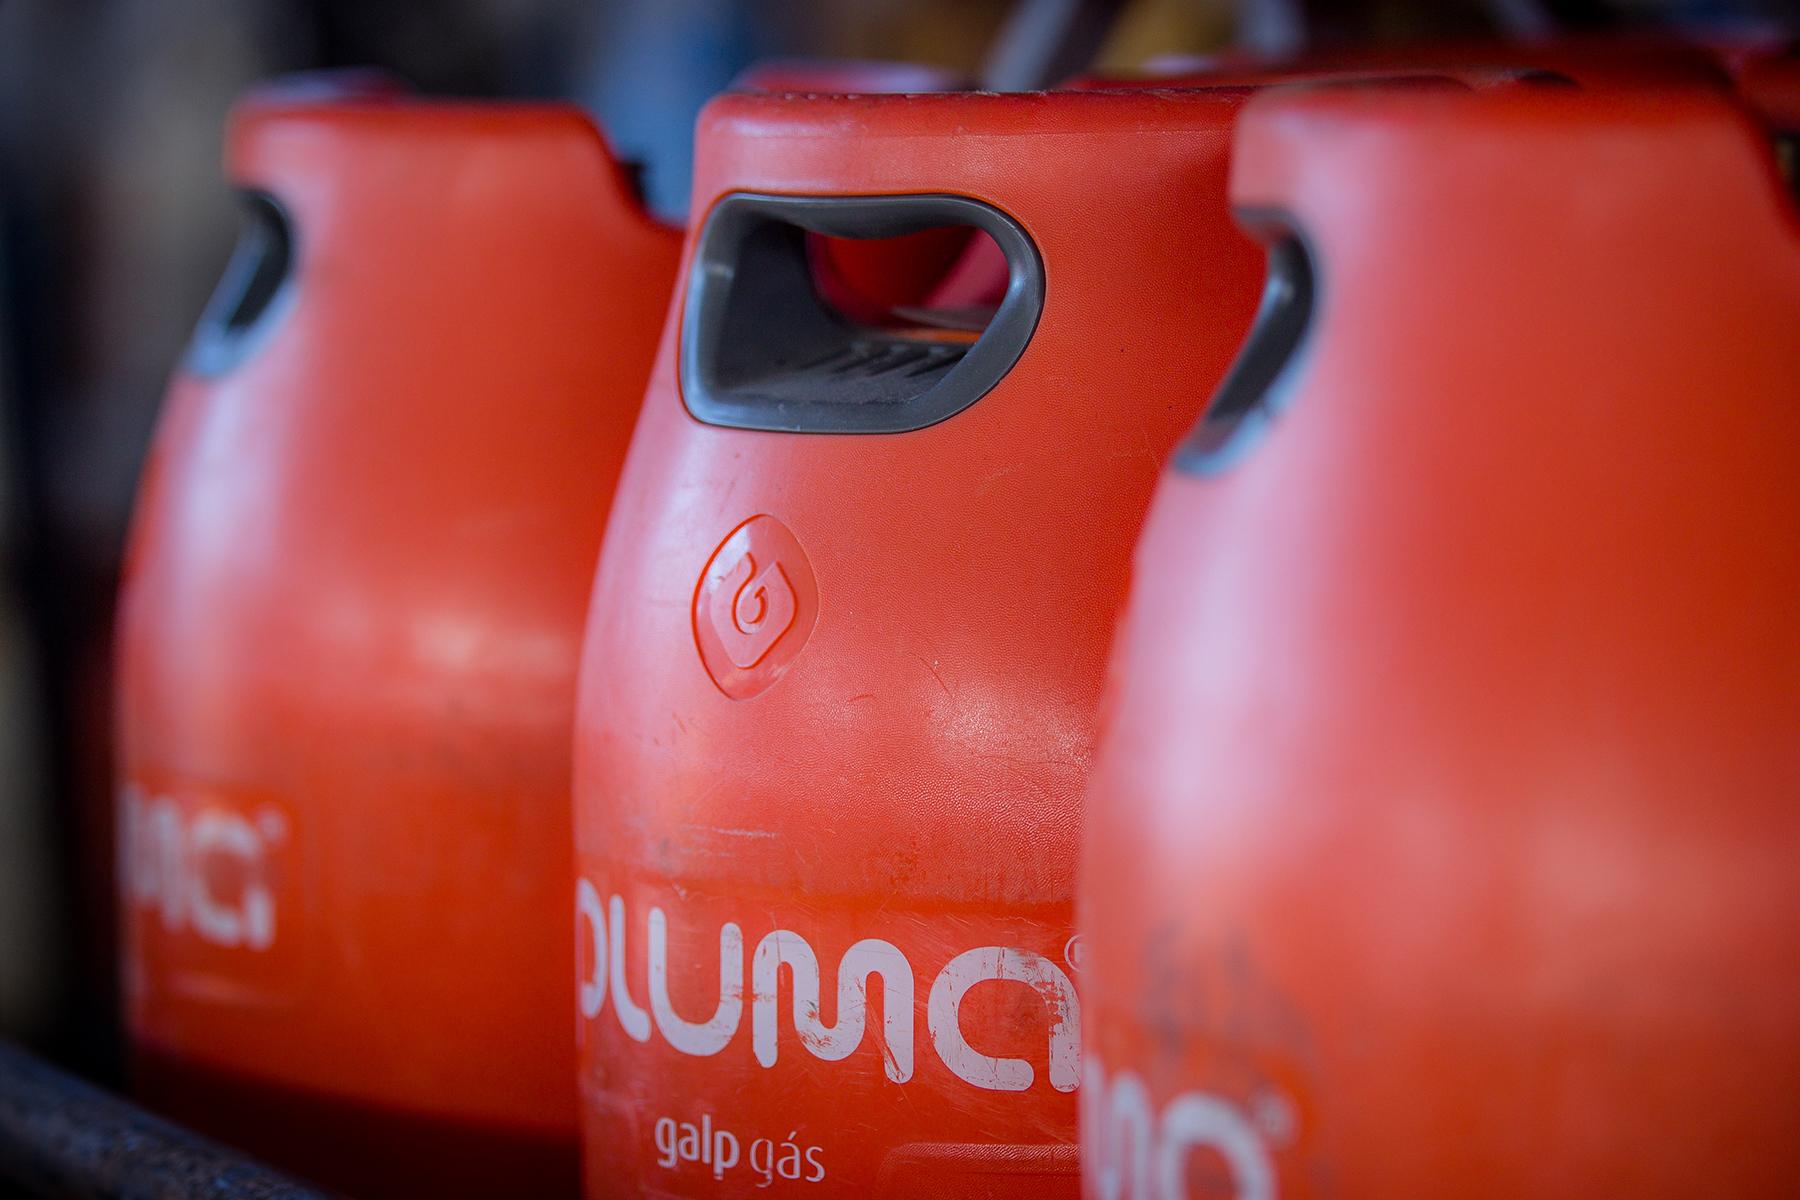 sabe-o-que-deve-fazer-na-hora-do-armazenamento-substituicao-e-utilizacao-das-suas-garrafas-de-gas